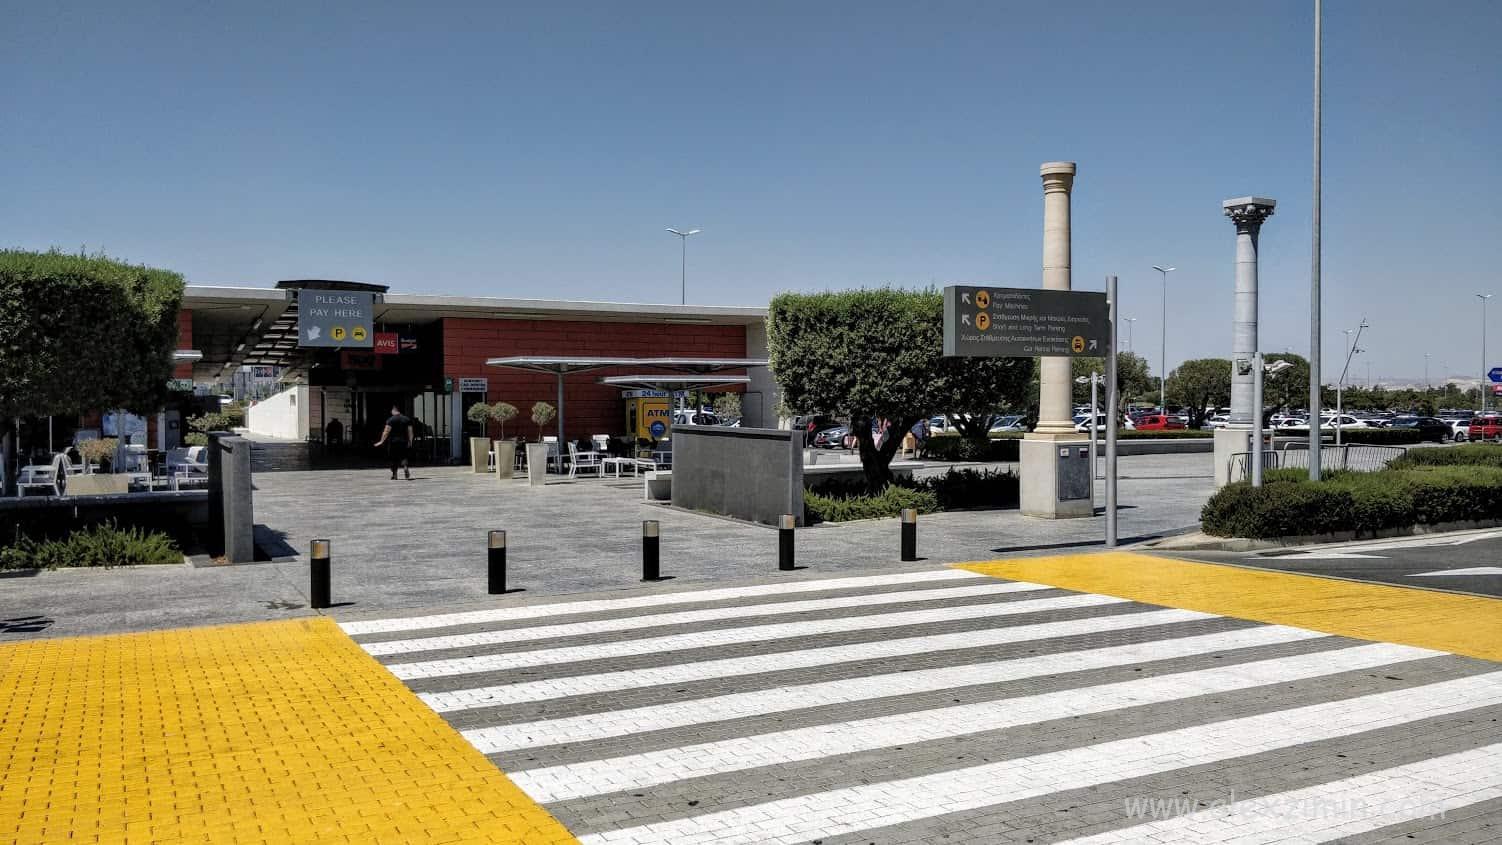 Парковка прокатных машин в аэропорту Ларнака